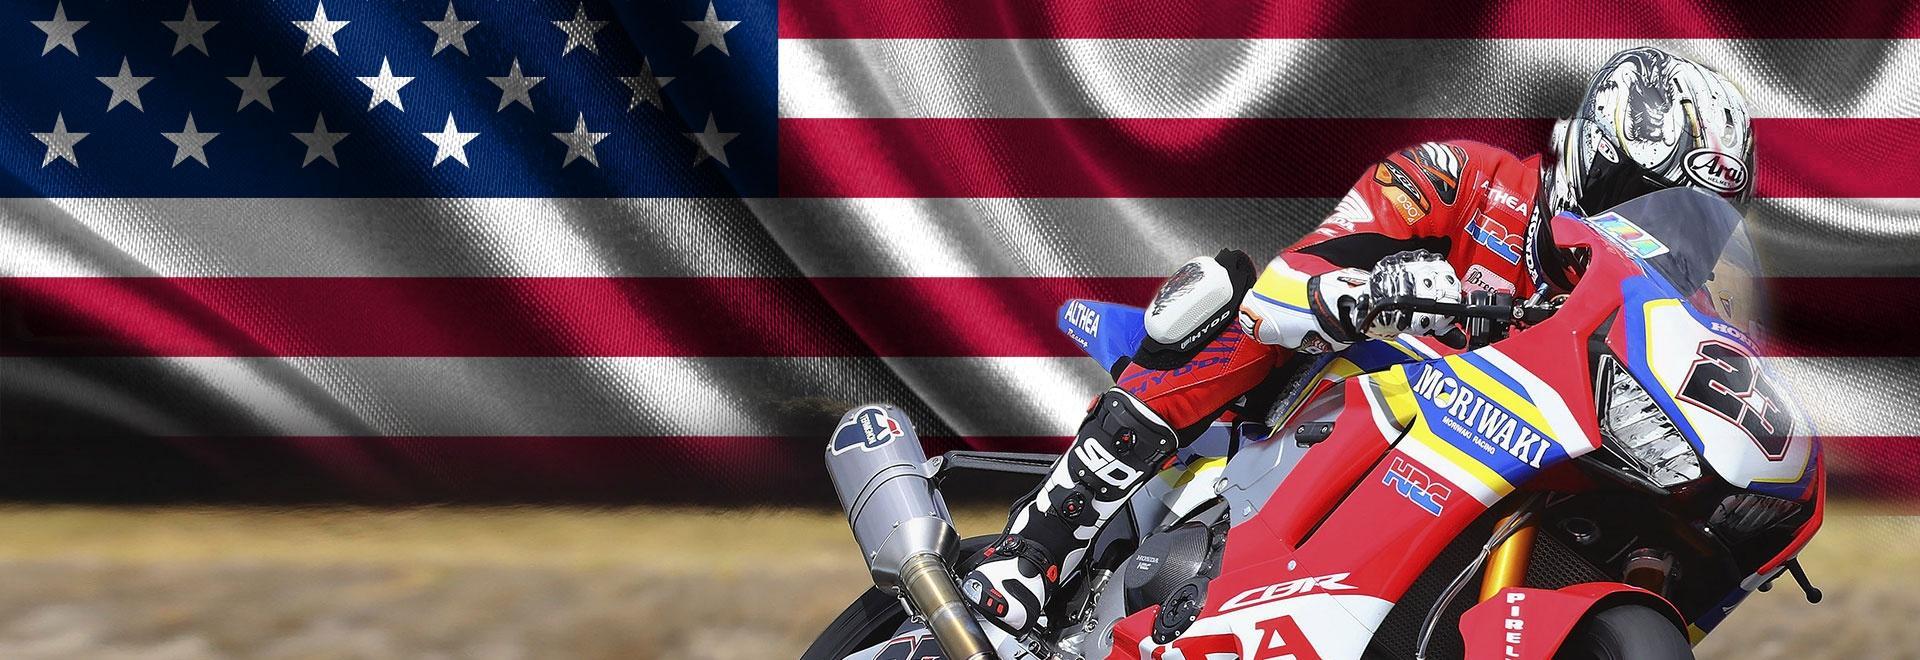 Stati Uniti. Superpole Race